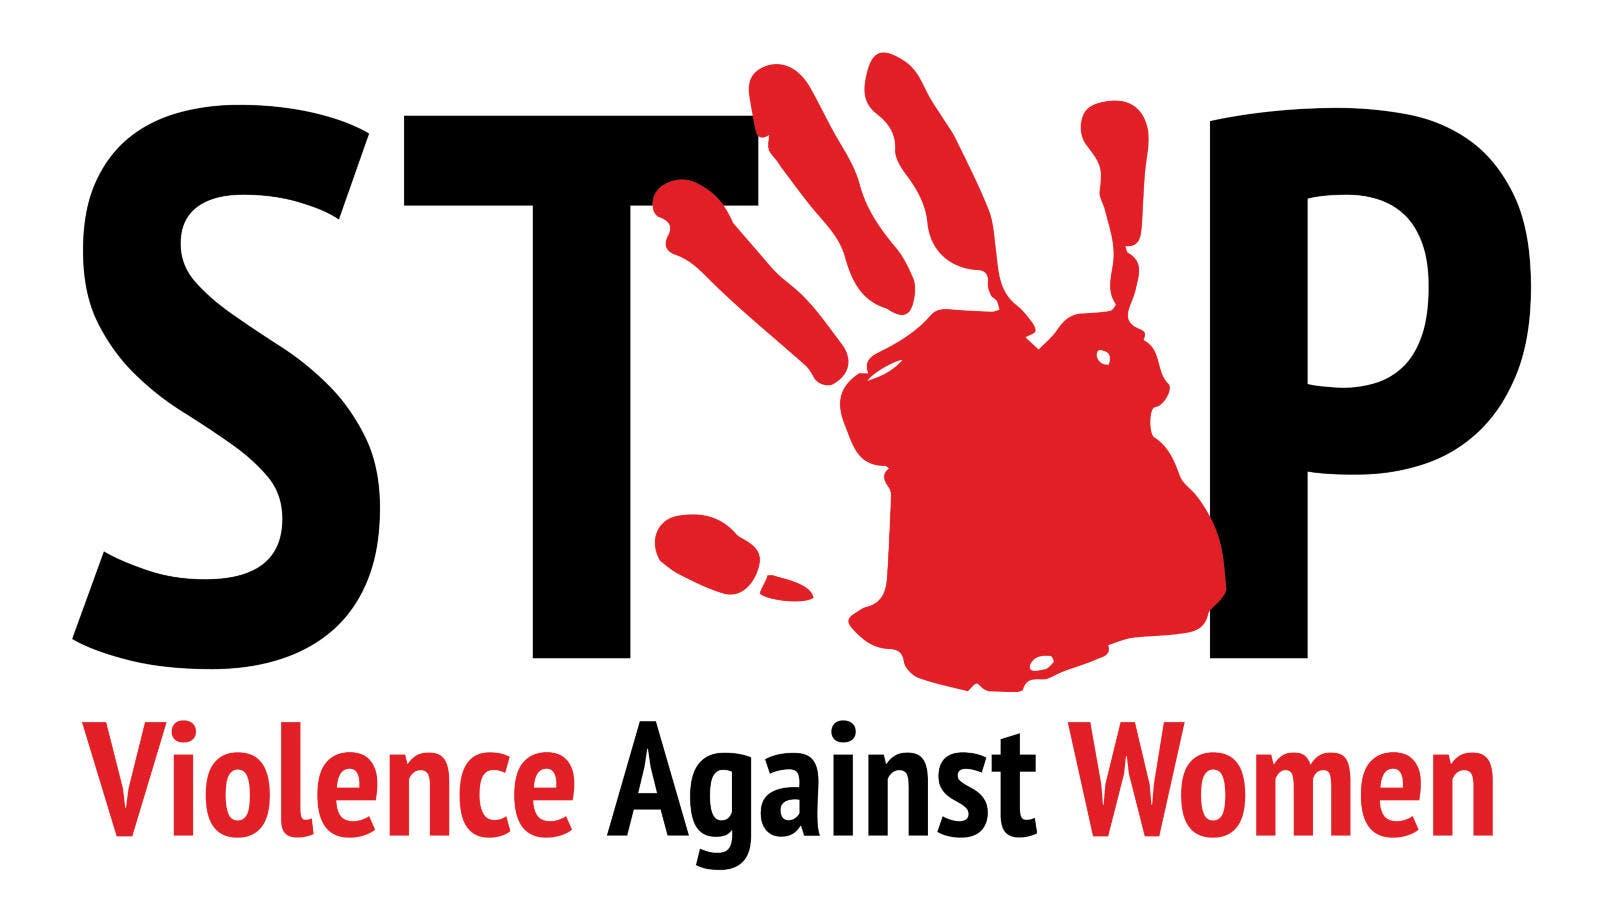 اليوم العالمي للقضاء على العنف ضد المرأة